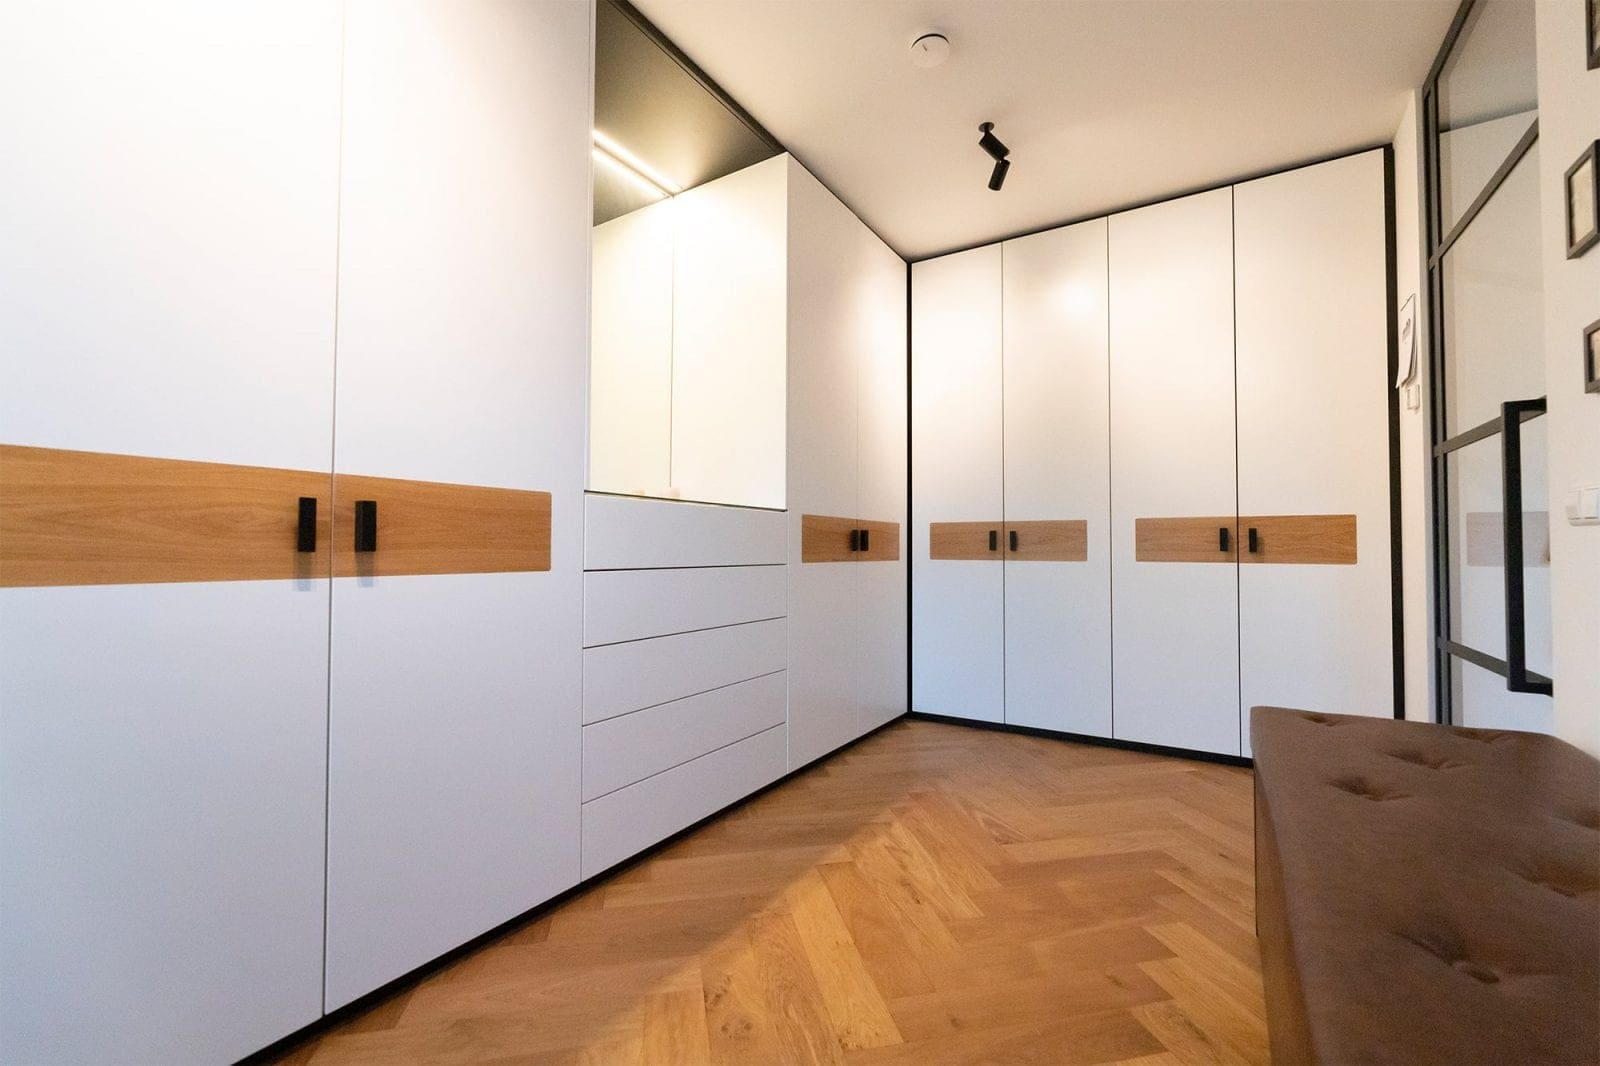 Inloopkast Op Maat gemaakt door interieurbouwer Schiedam